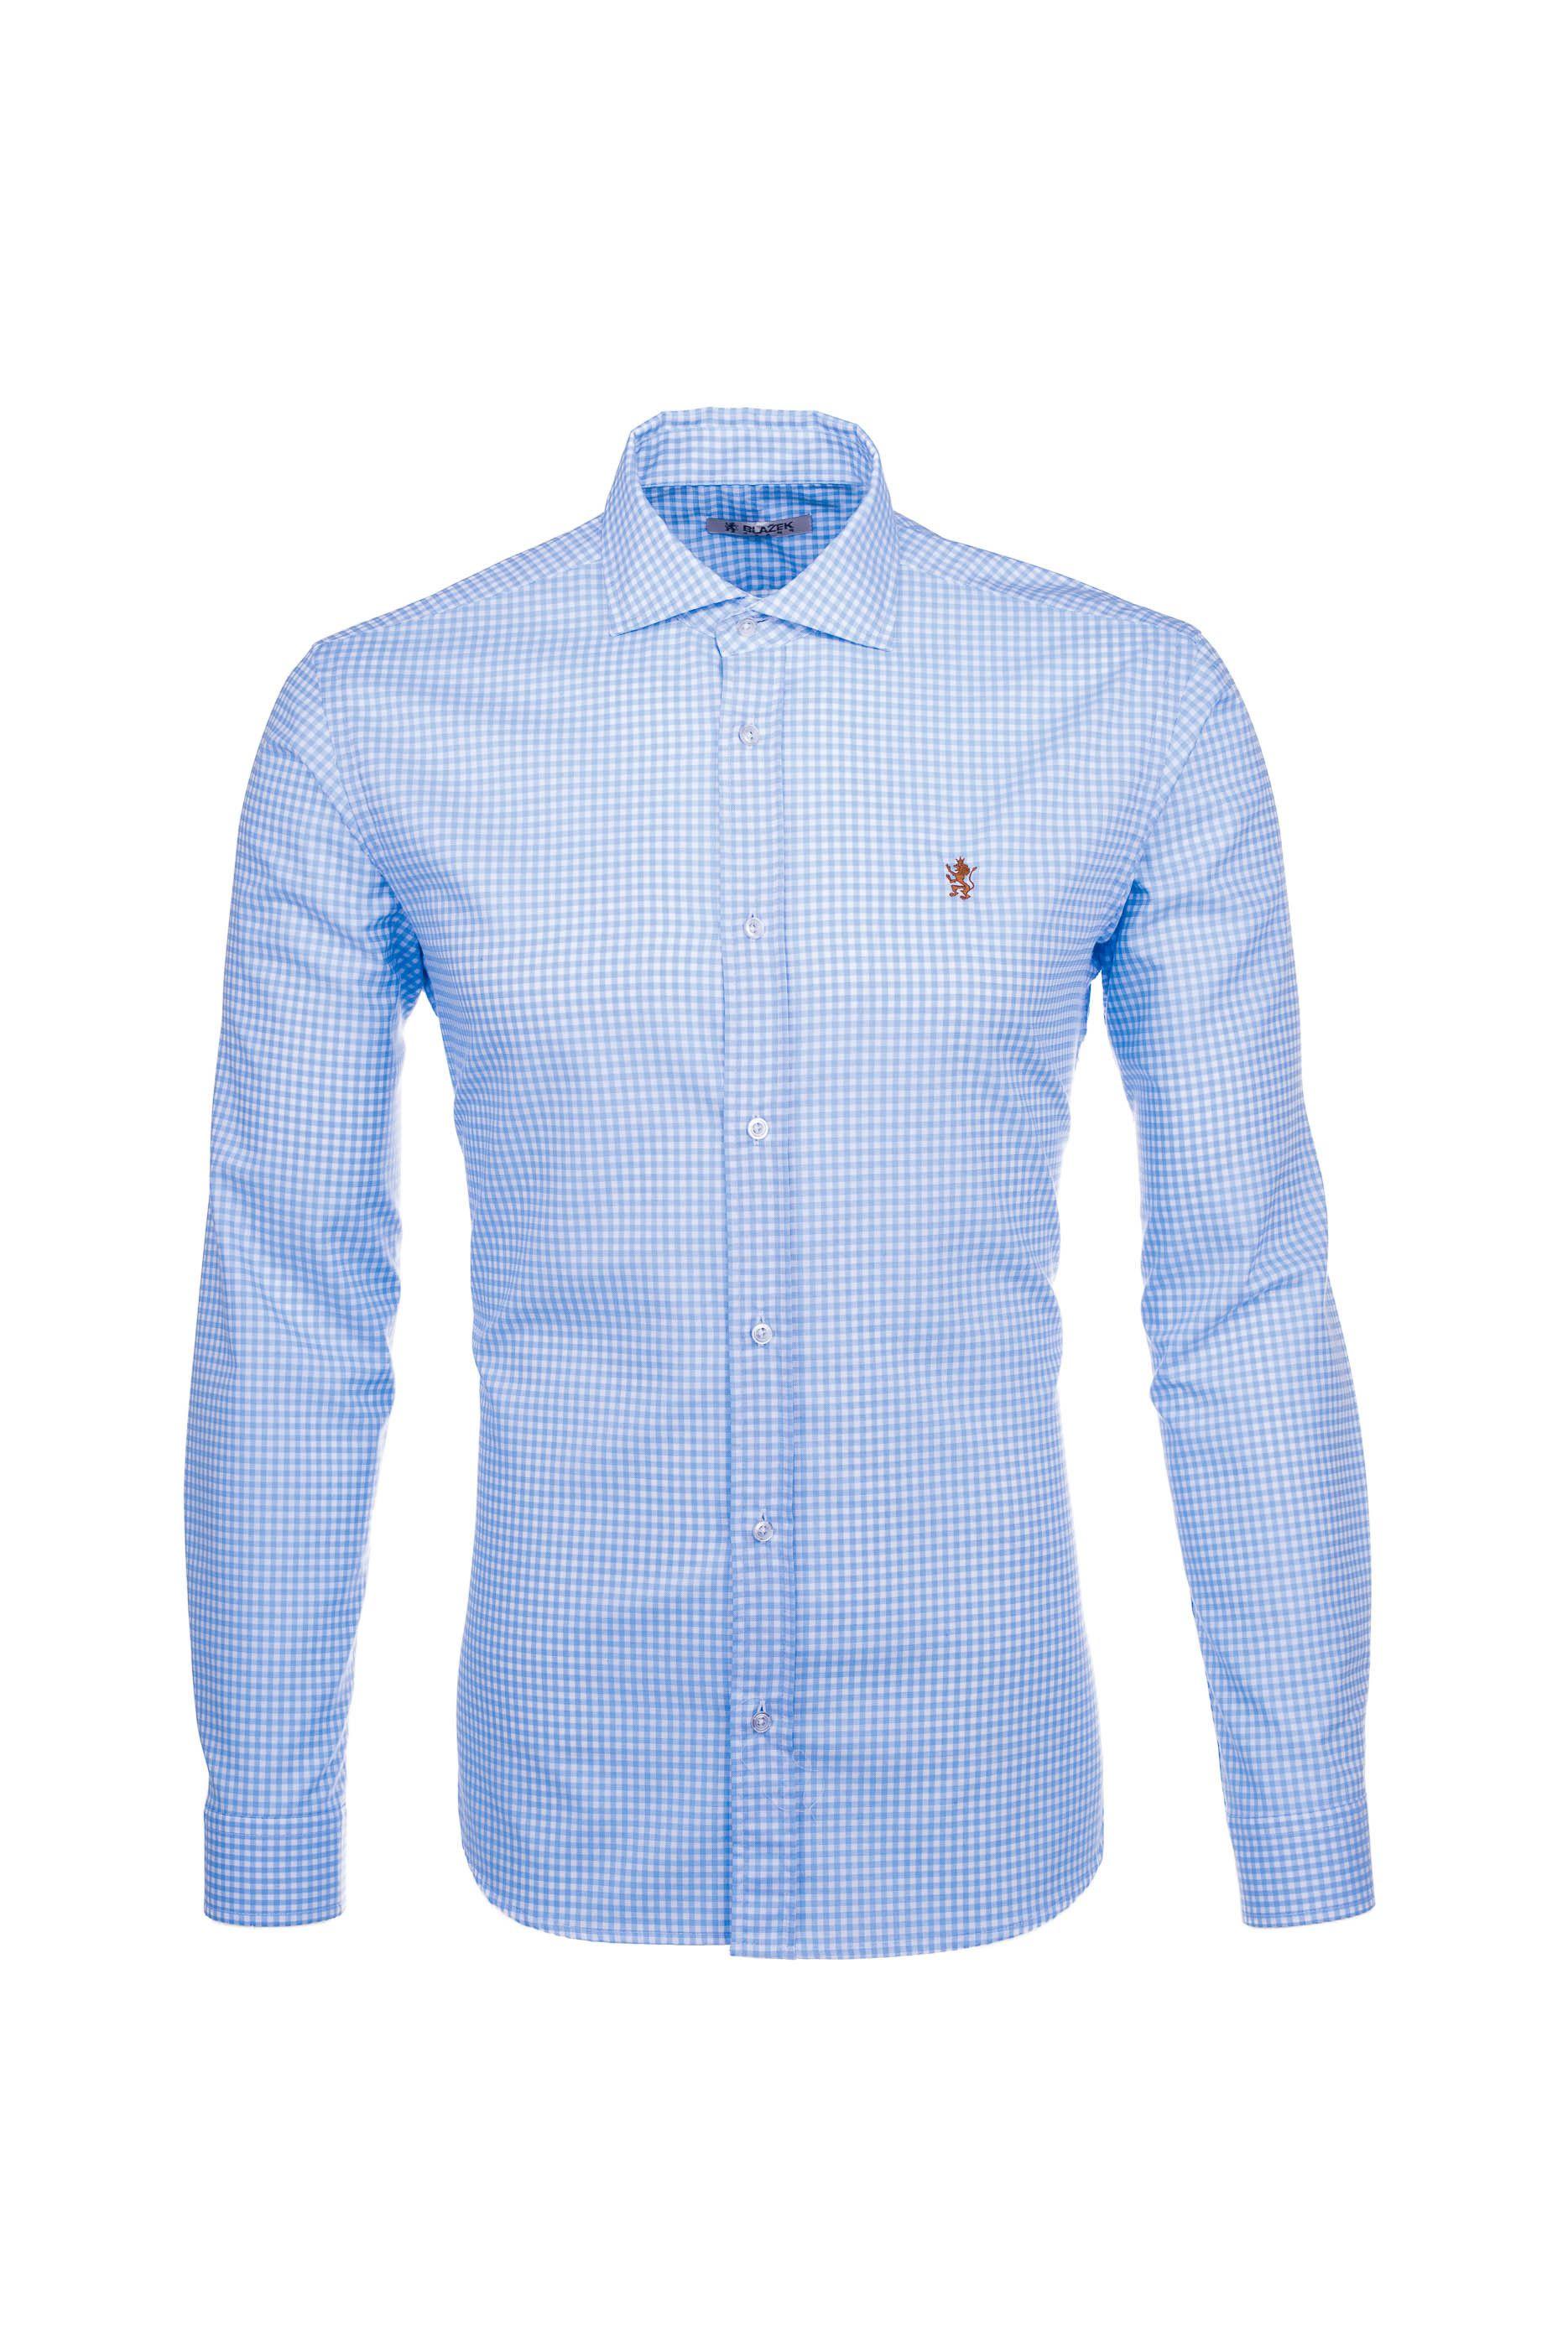 e61750f6ce6 Pánské košile Blažek Jeans